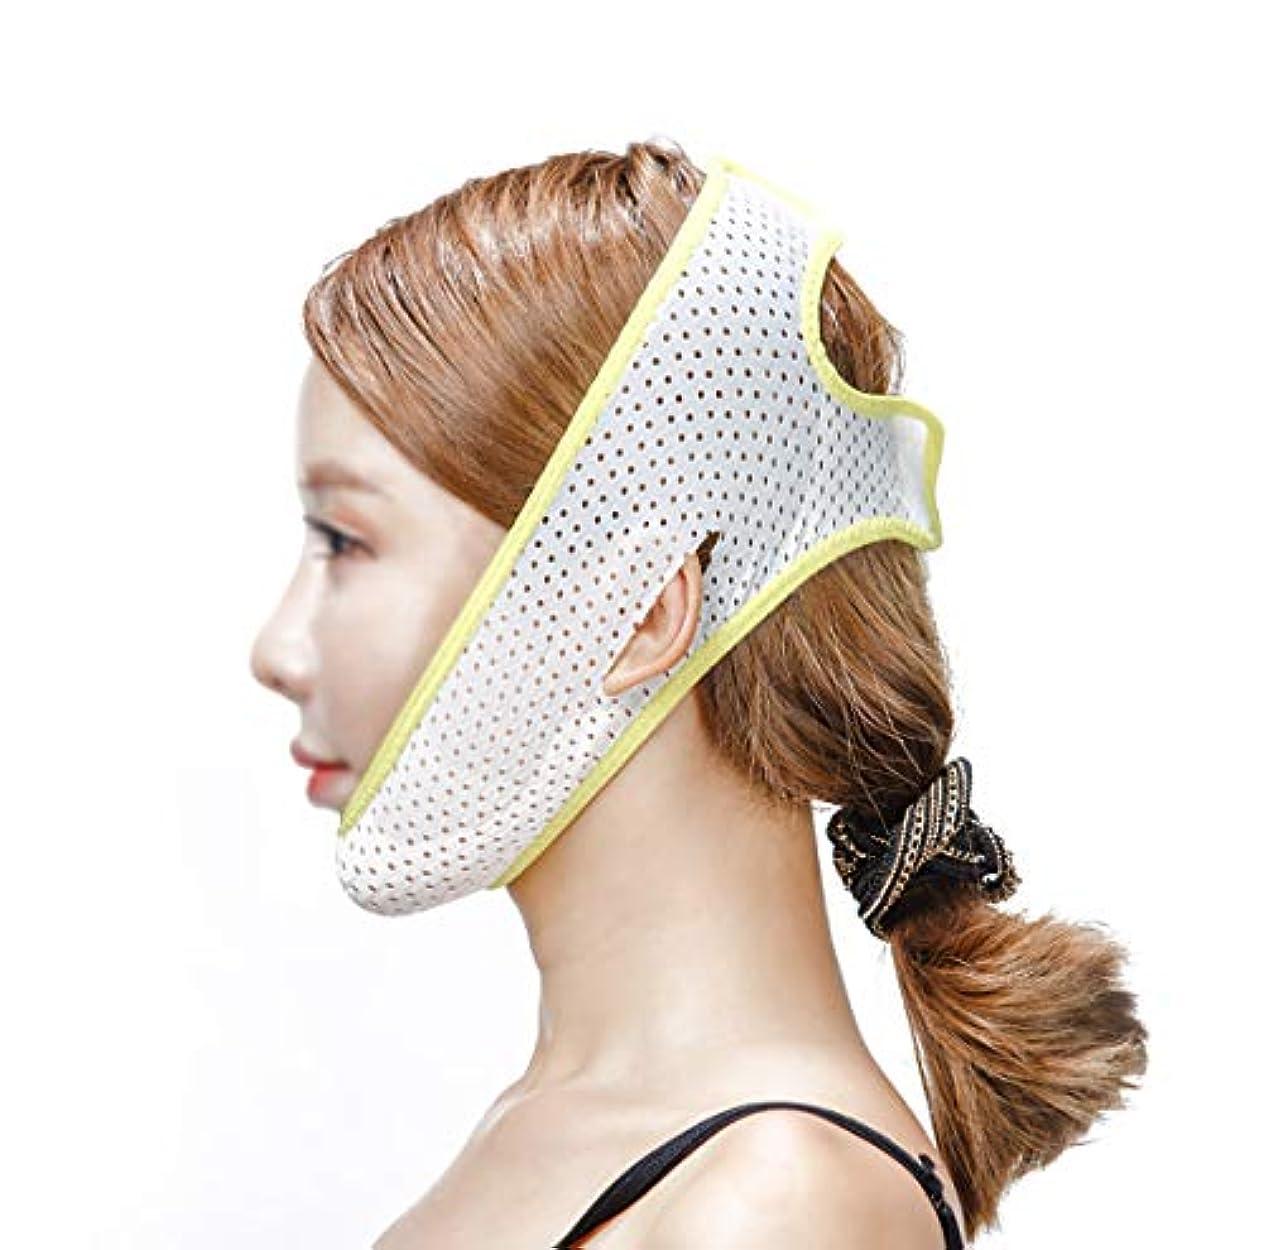 垂直建てる積極的にフェイスリフトマスク、あごストラップ回復包帯睡眠薄いフェイス包帯薄いフェイスマスクフェイスリフトアーチファクトフェイスリフト美容マスク包帯で小さなvの顔を強化する (Color : Yellow and white)